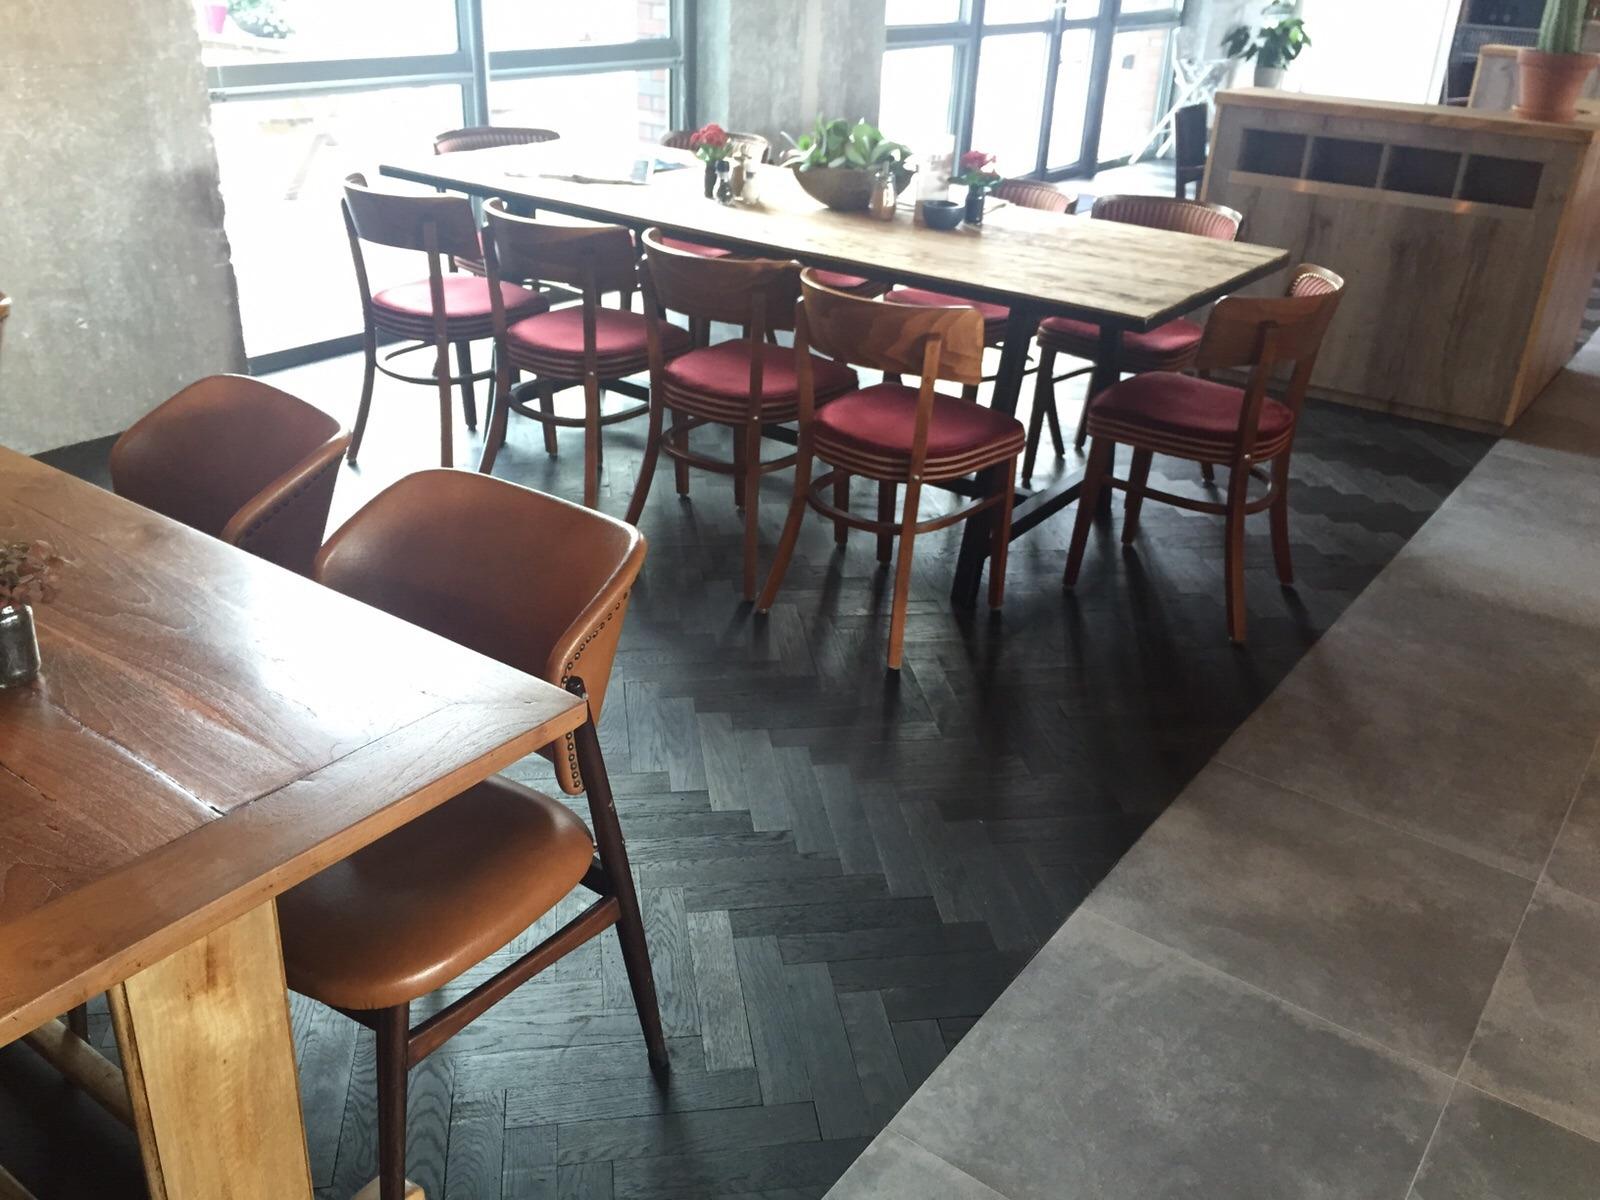 visgraatvloer project amsterdam